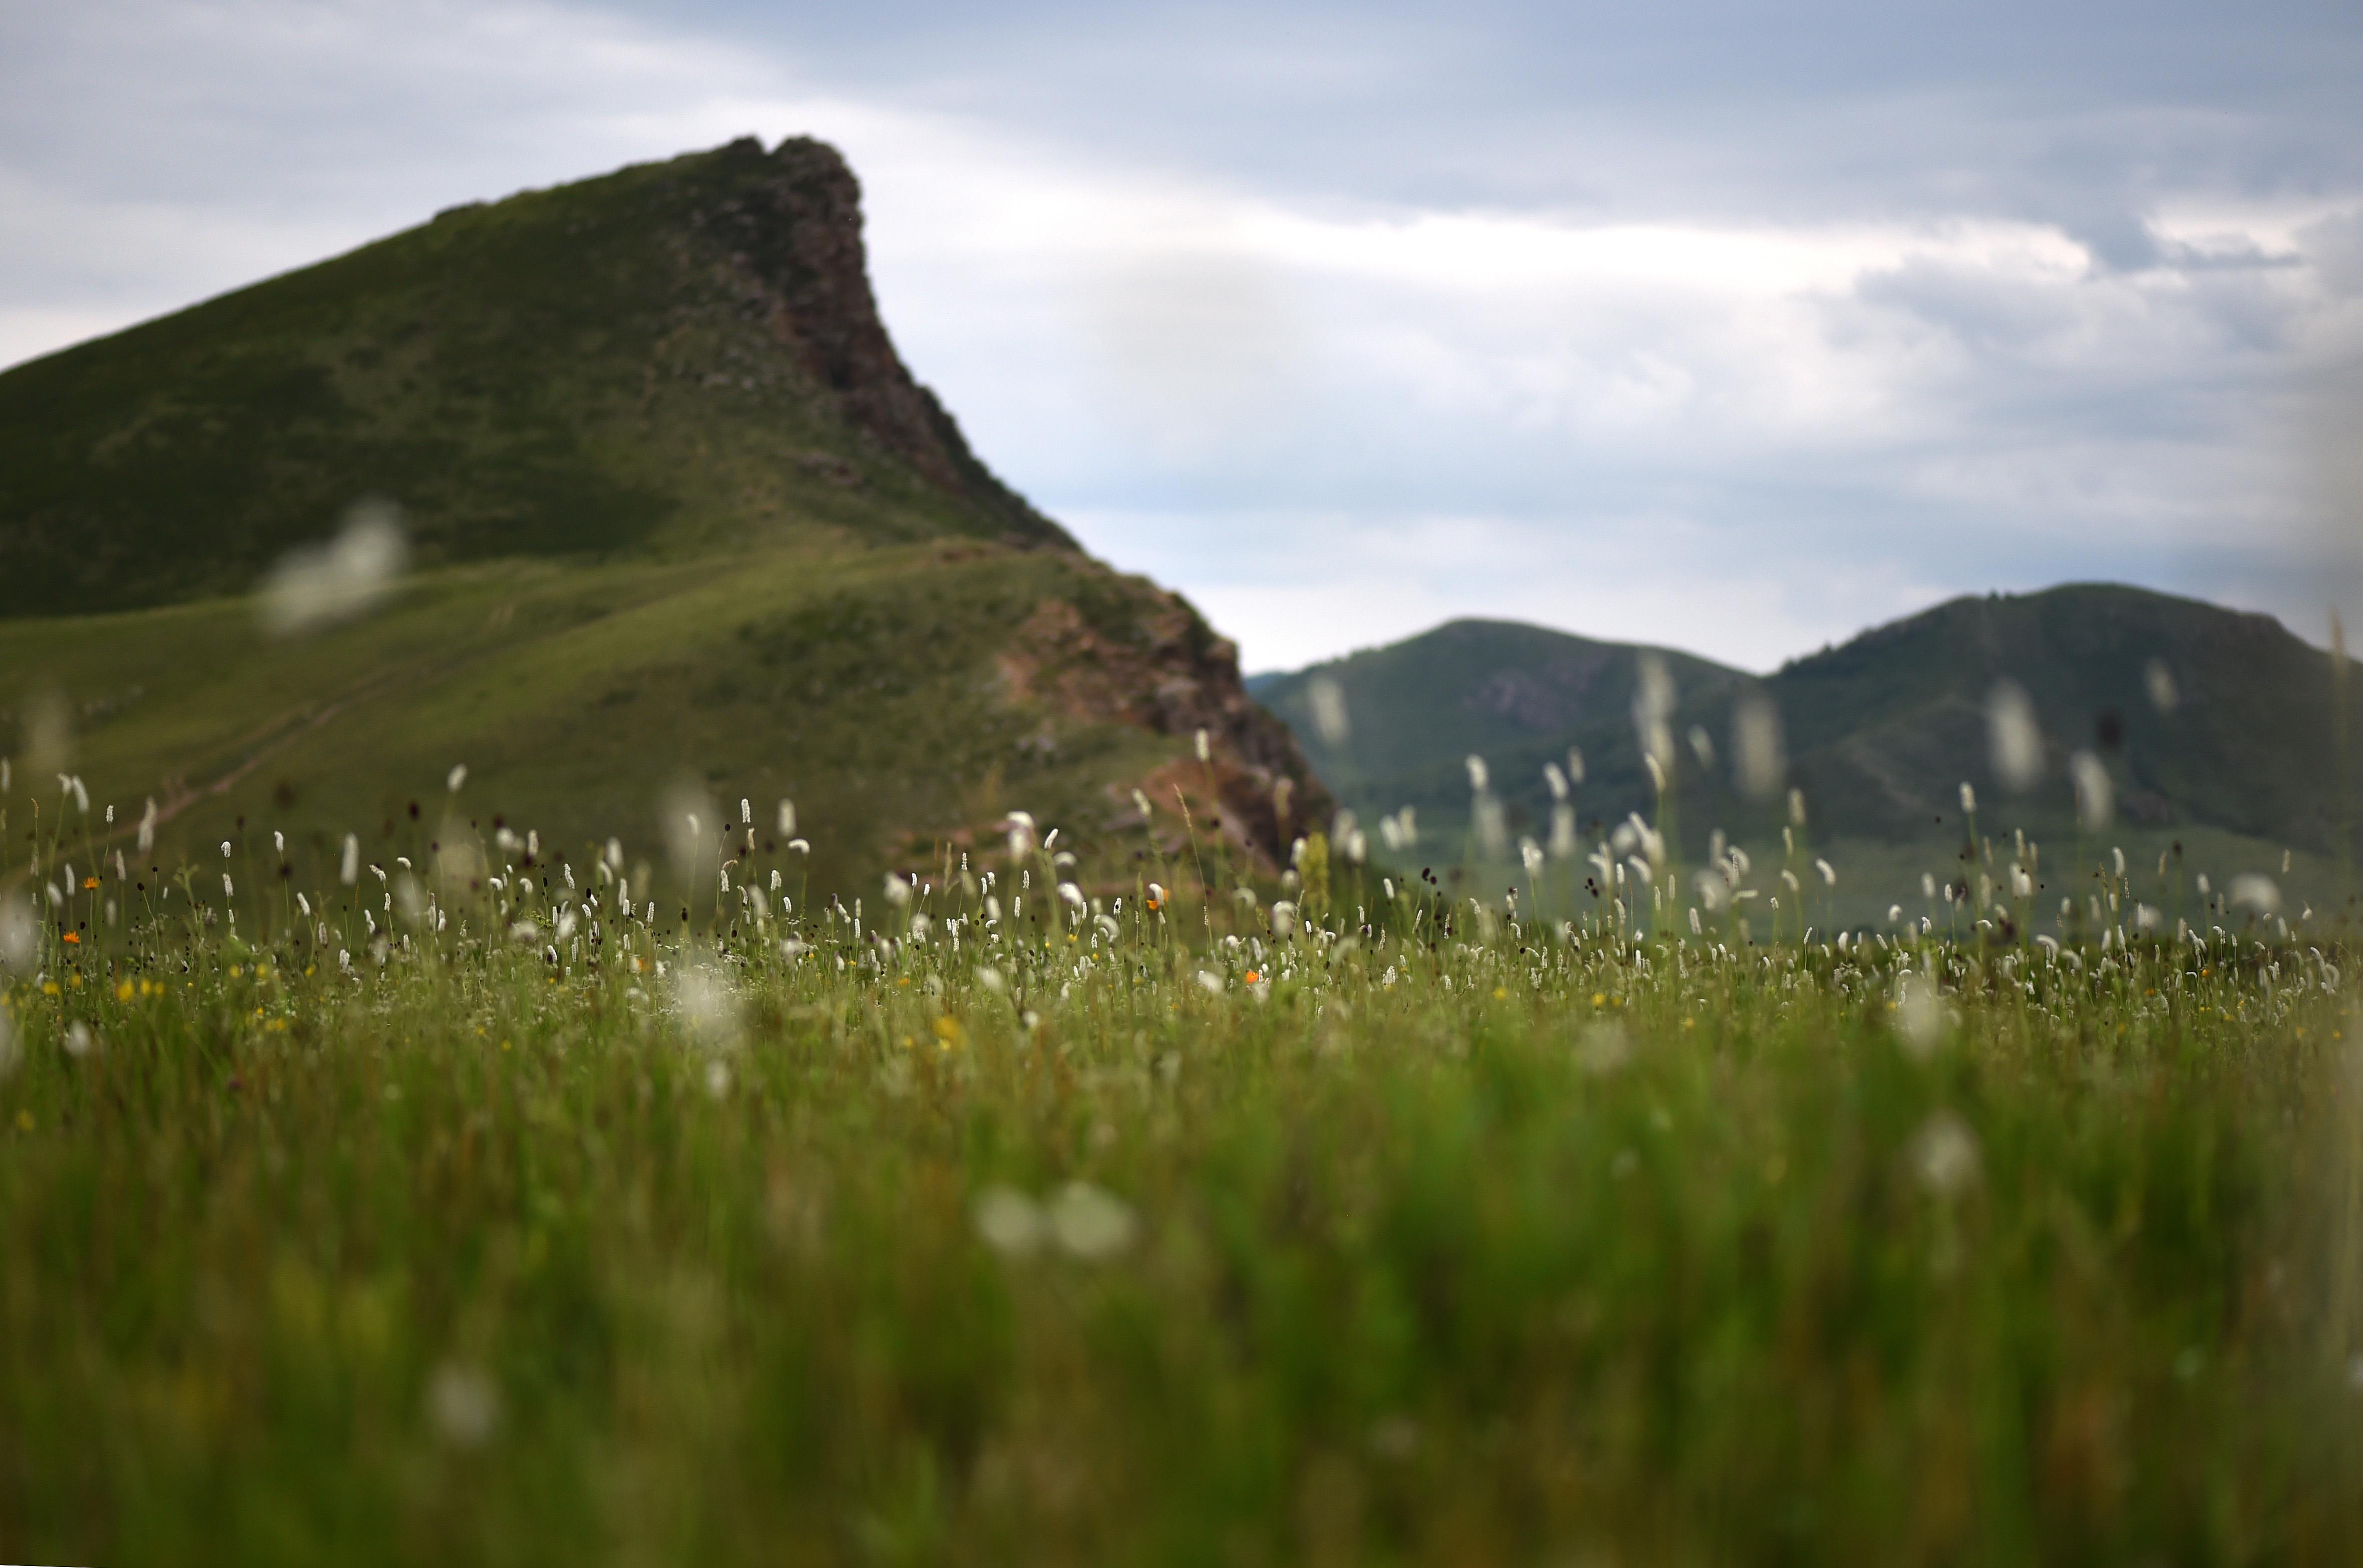 这是漂亮的西乌珠穆沁旗白彦花镇阿拉腾兴安嘎查乃林河bet36体育景色(7月23日无人机拍摄)。     往年,丰盛的降雨让位于内蒙古中部的锡林郭勒大bet36体育在bet36体育网址季节水草丰美,成为一片绿色的大陆。弯曲的河道、天空中飞舞的云朵与草地间的牛羊和马群形成一幅夏季漂亮画卷。     新华社记者 刘磊 摄